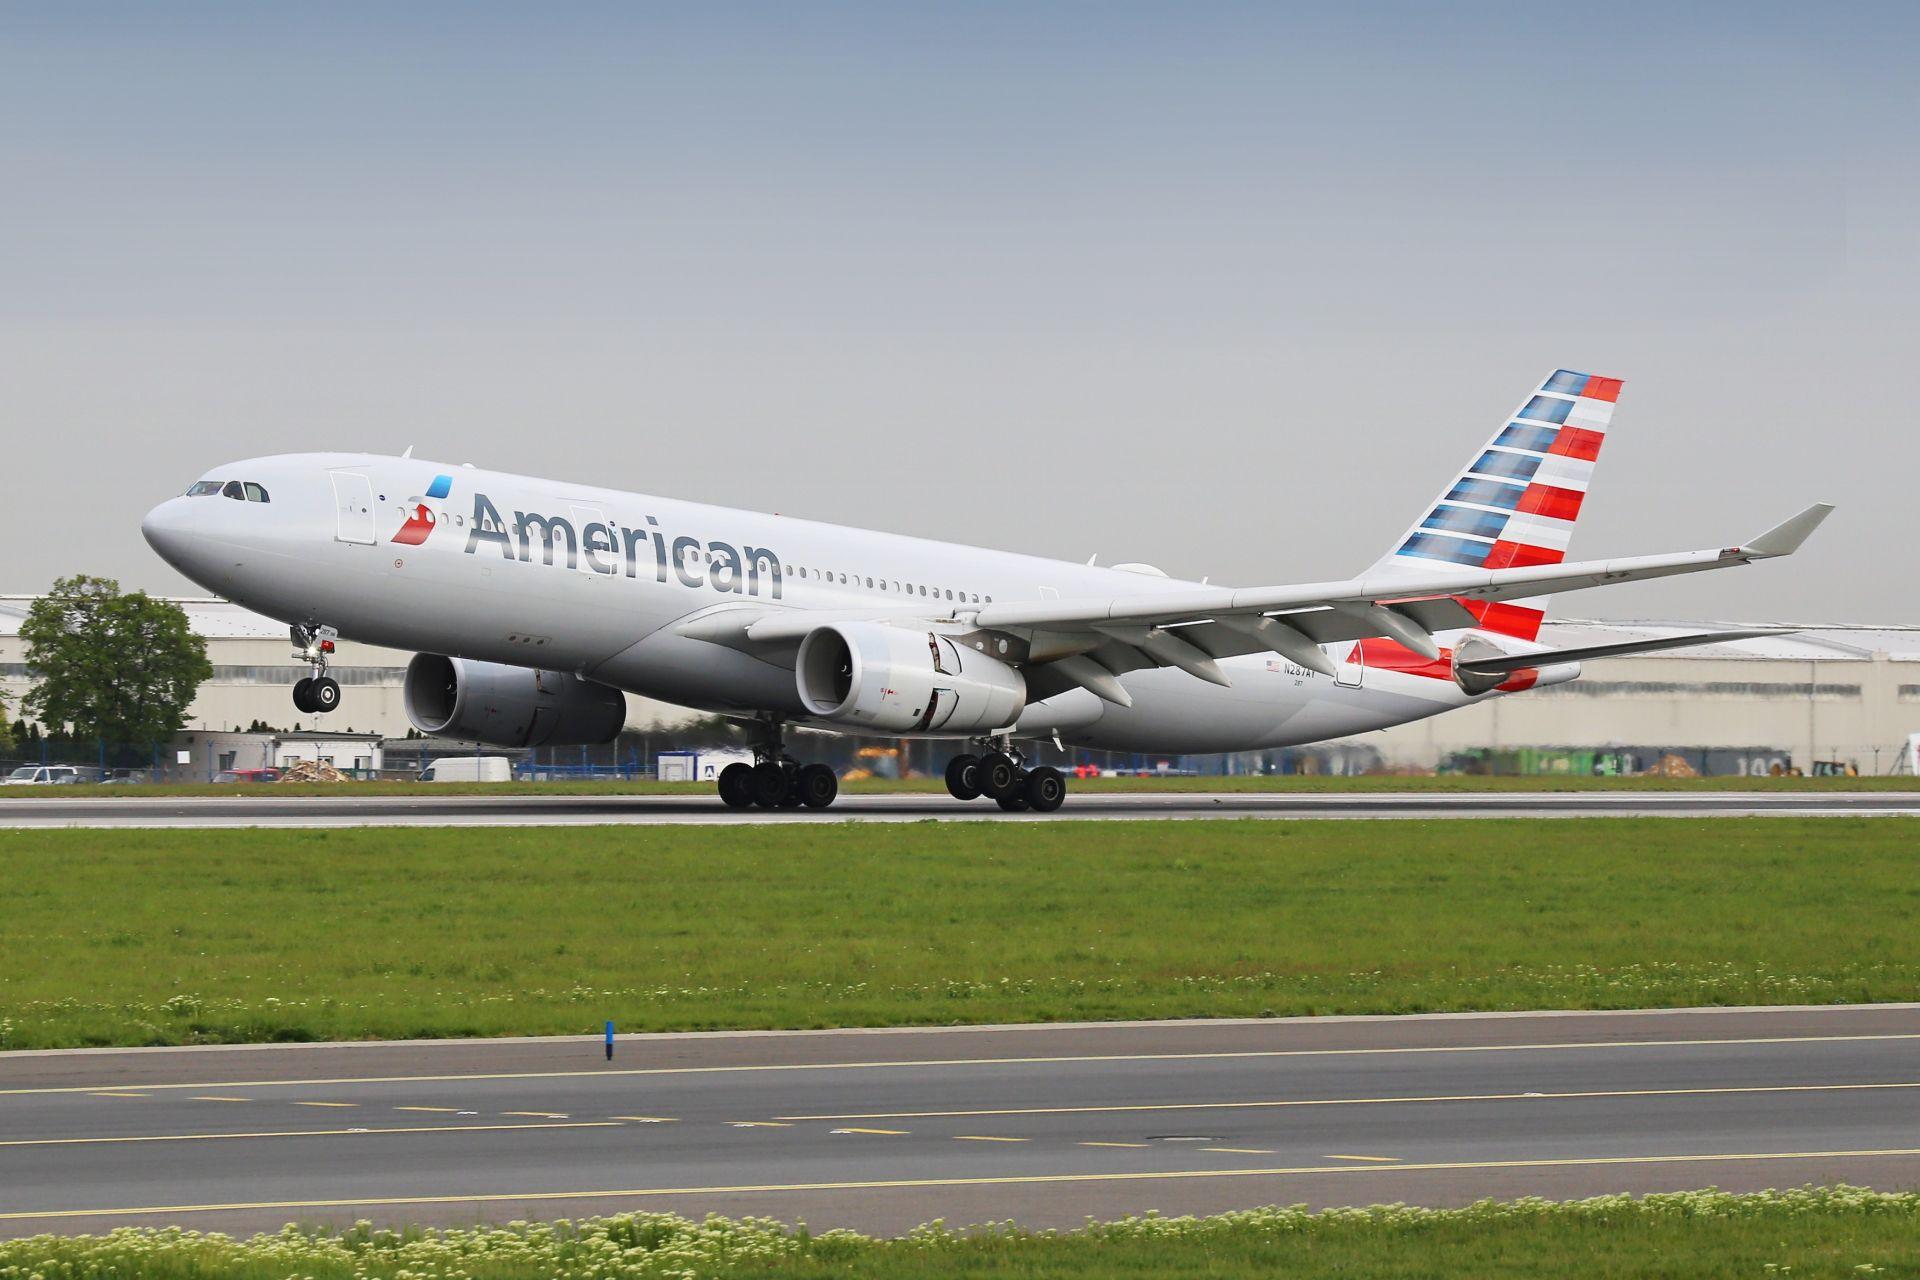 Airbus A330-200 společnosti American Airlines. Foto: Letiště Praha